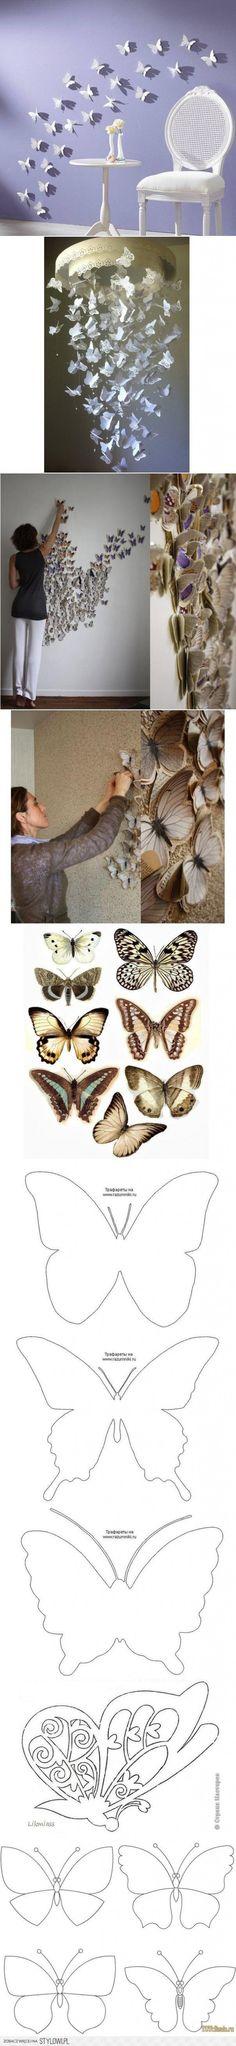 Zelf de vlinders maken,en je kan er mee doen wat je wilt!Een... Door Nel-leke